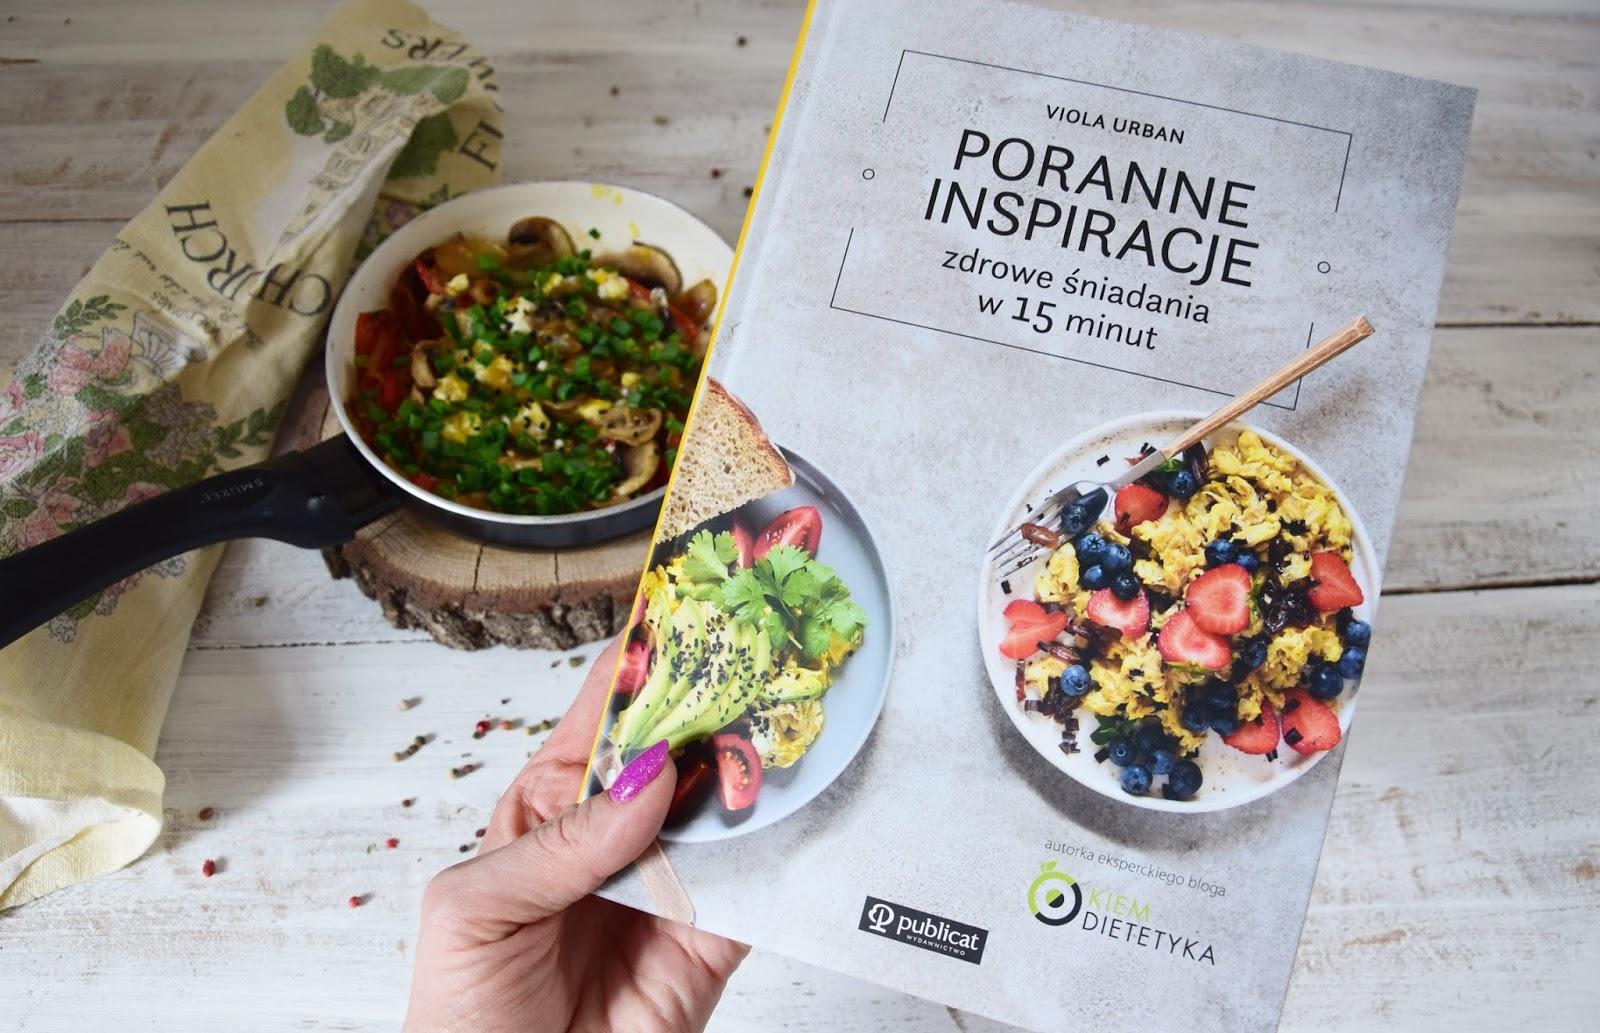 poranne inspiracje, okiem dietetyka